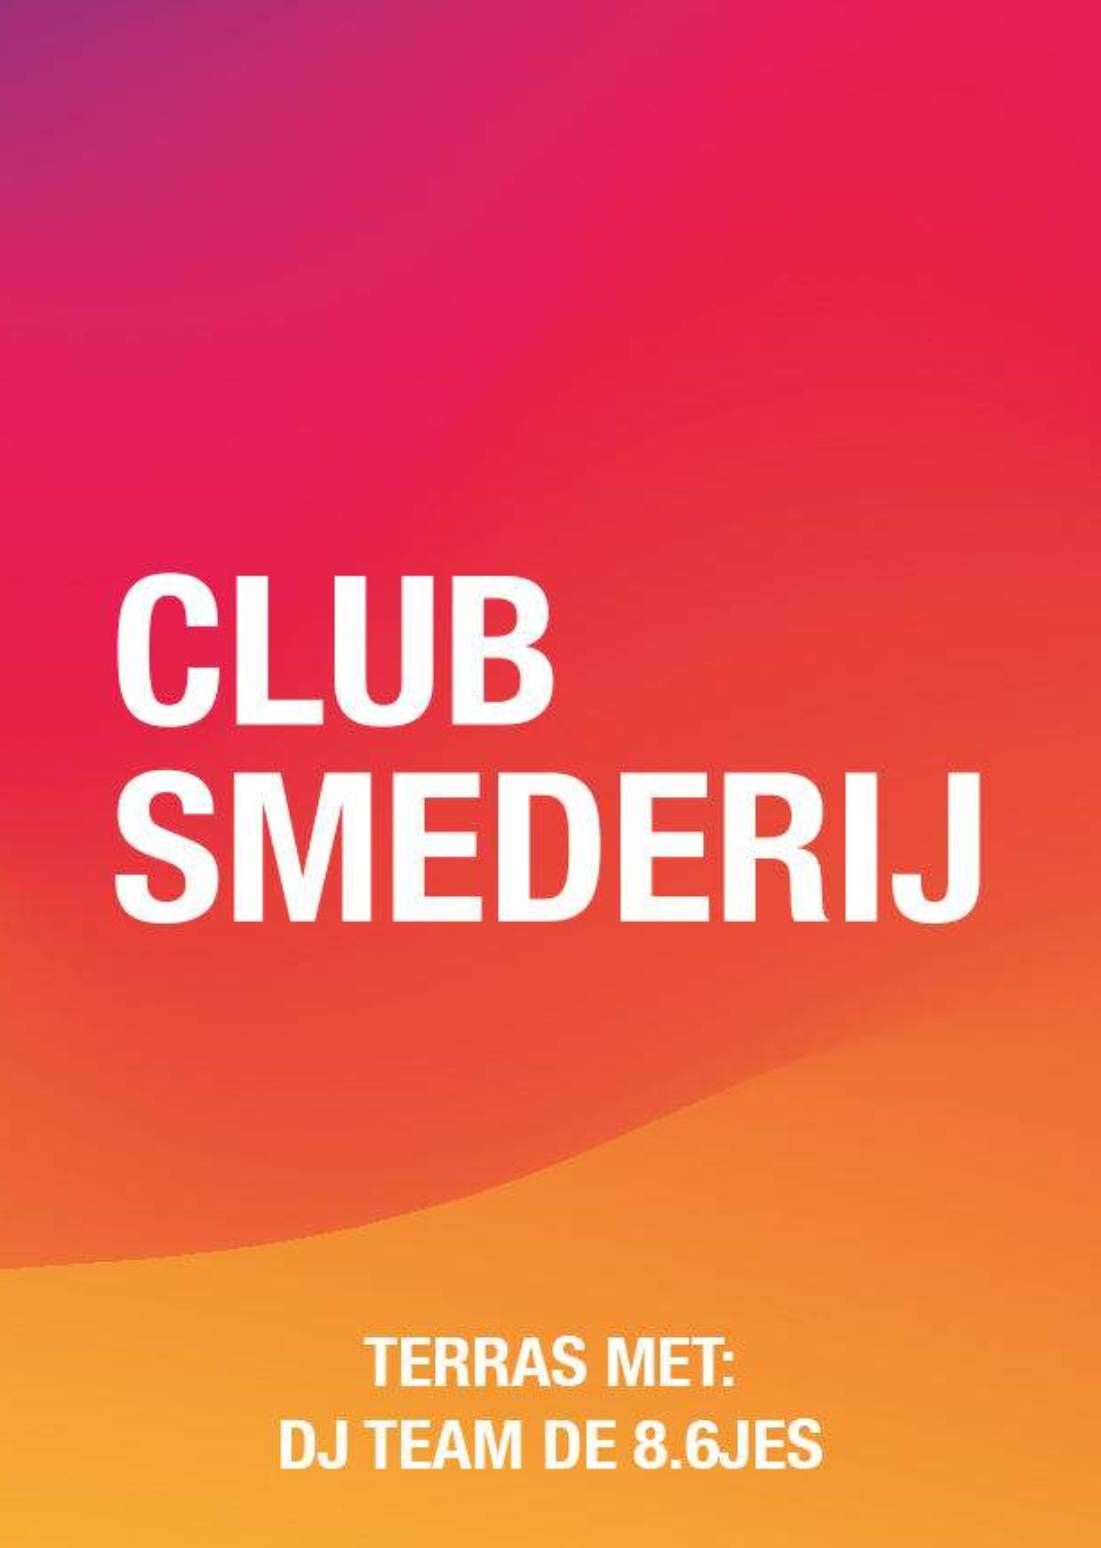 DJ TEAM DE 8.6JES | Smederijtuin